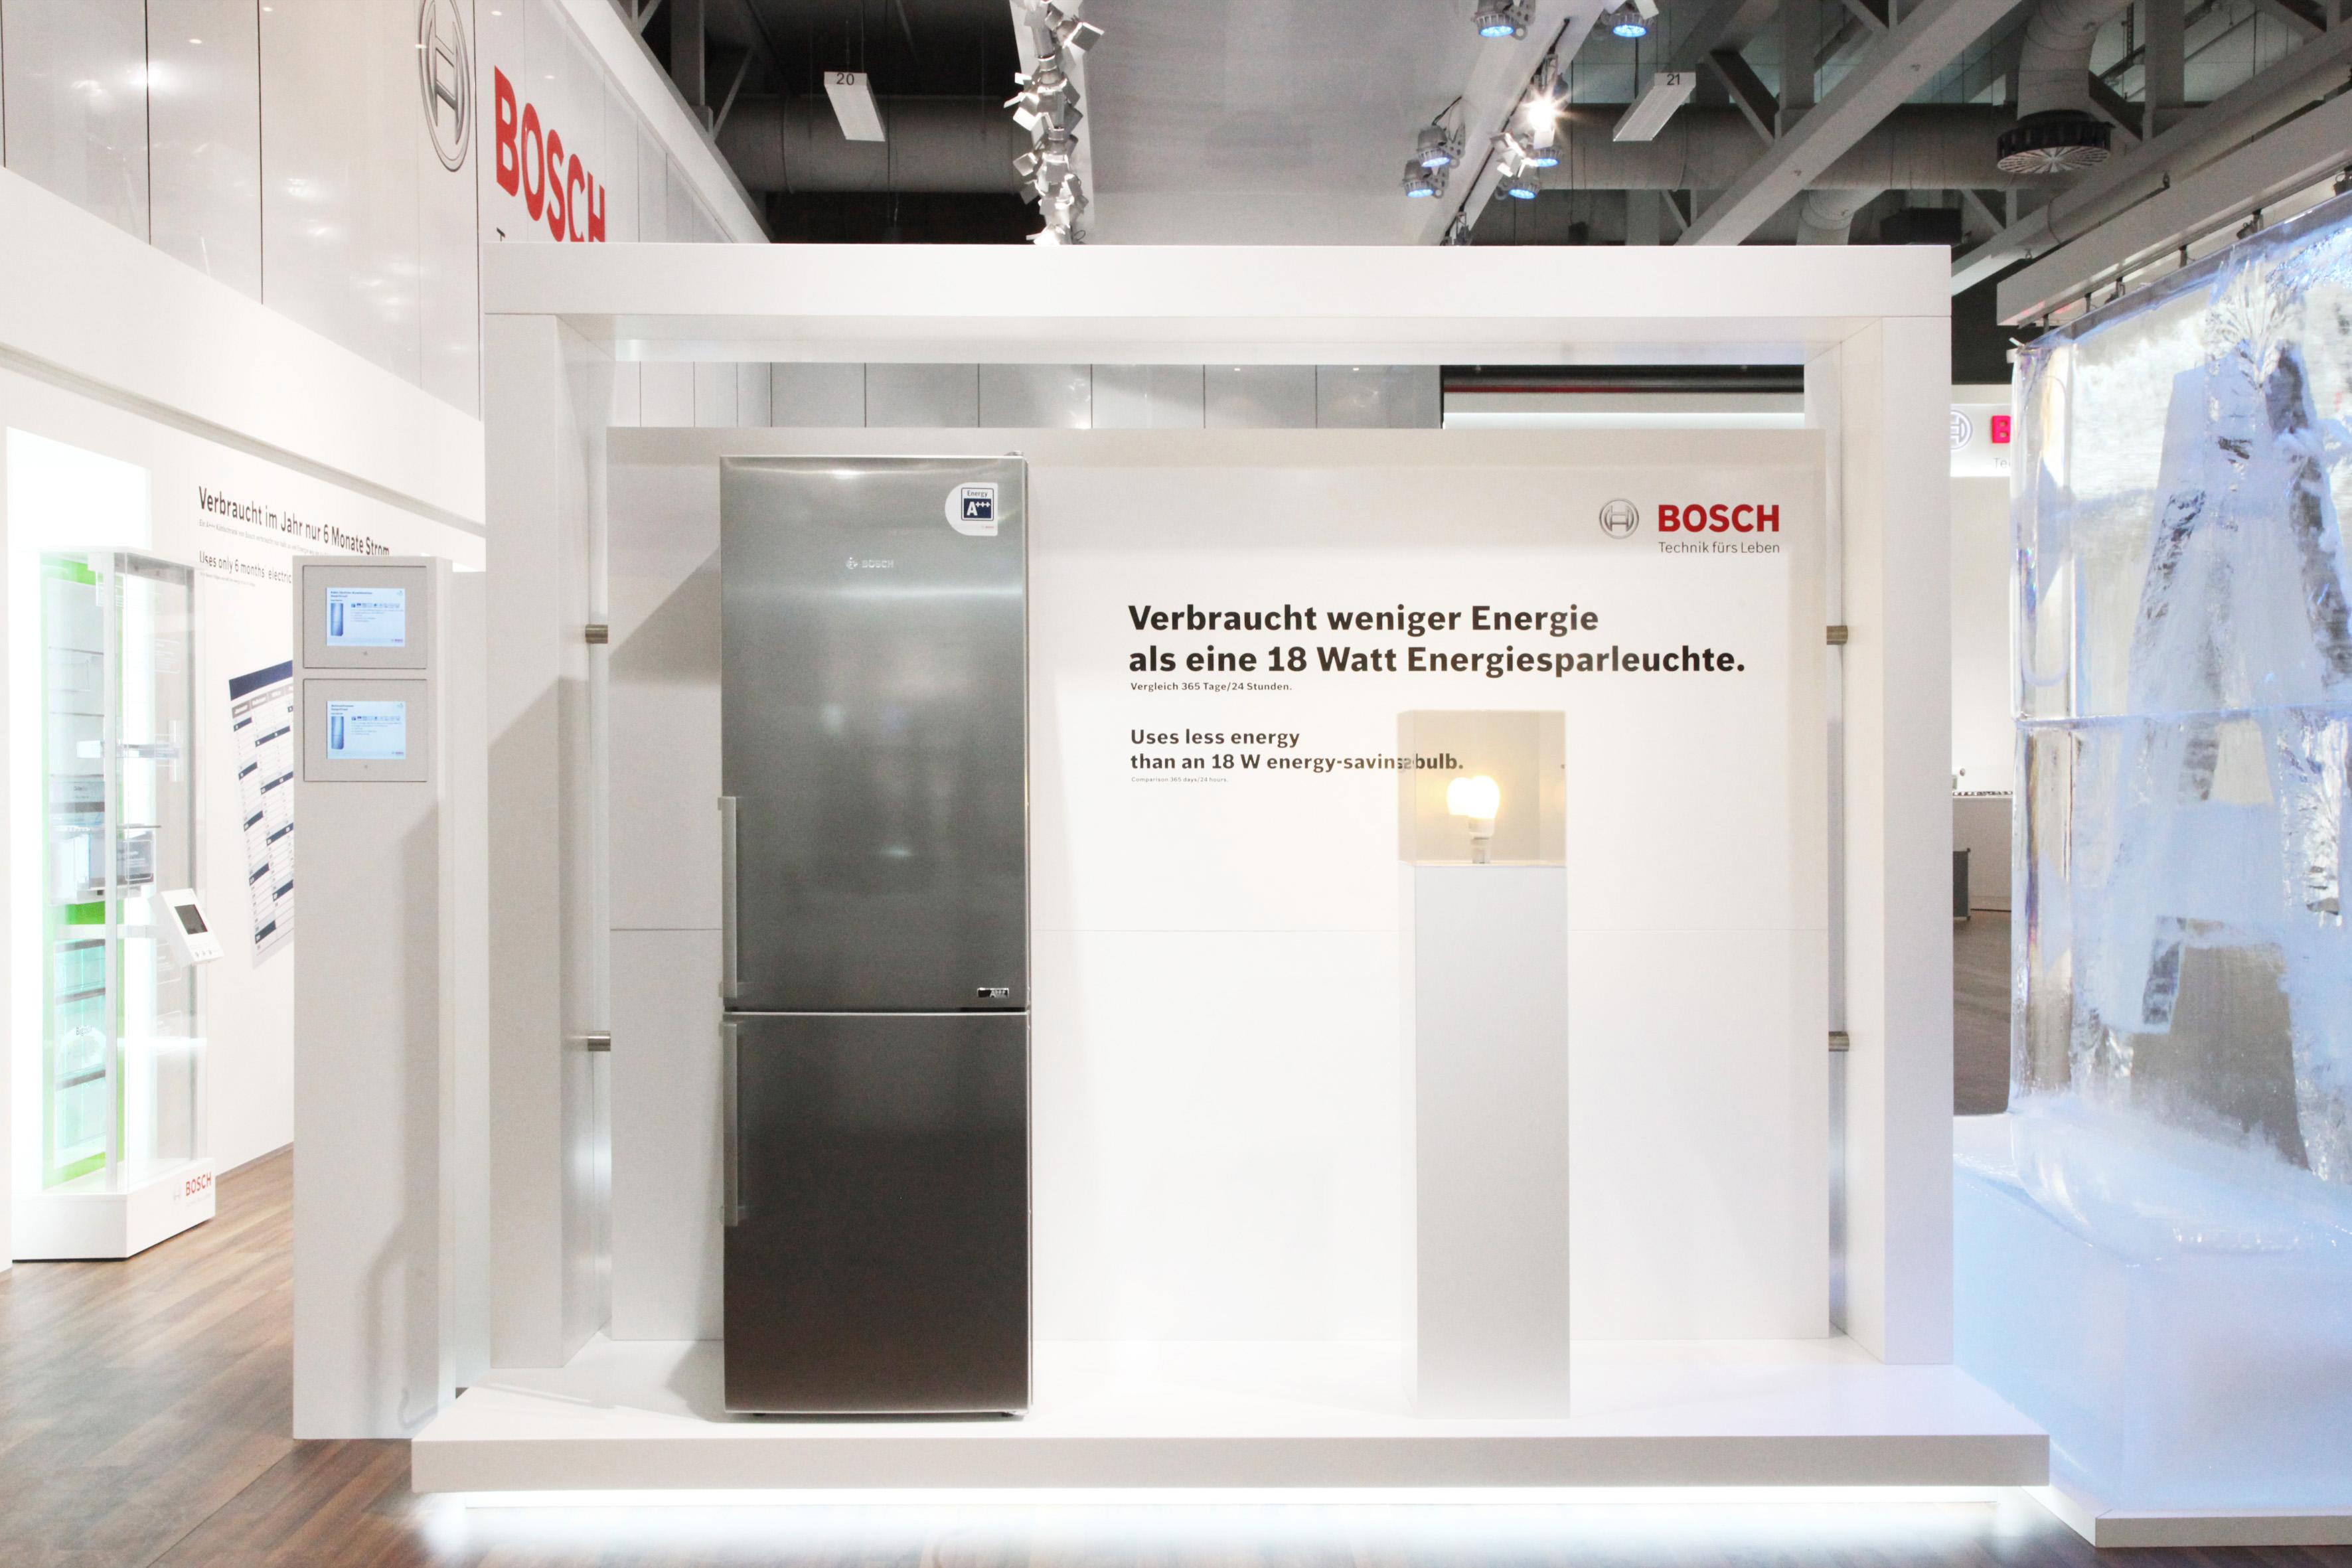 neue ans tze f r mehr energieeffizienz bosch hausger te auf der ifa 2011 pressemitteilung. Black Bedroom Furniture Sets. Home Design Ideas